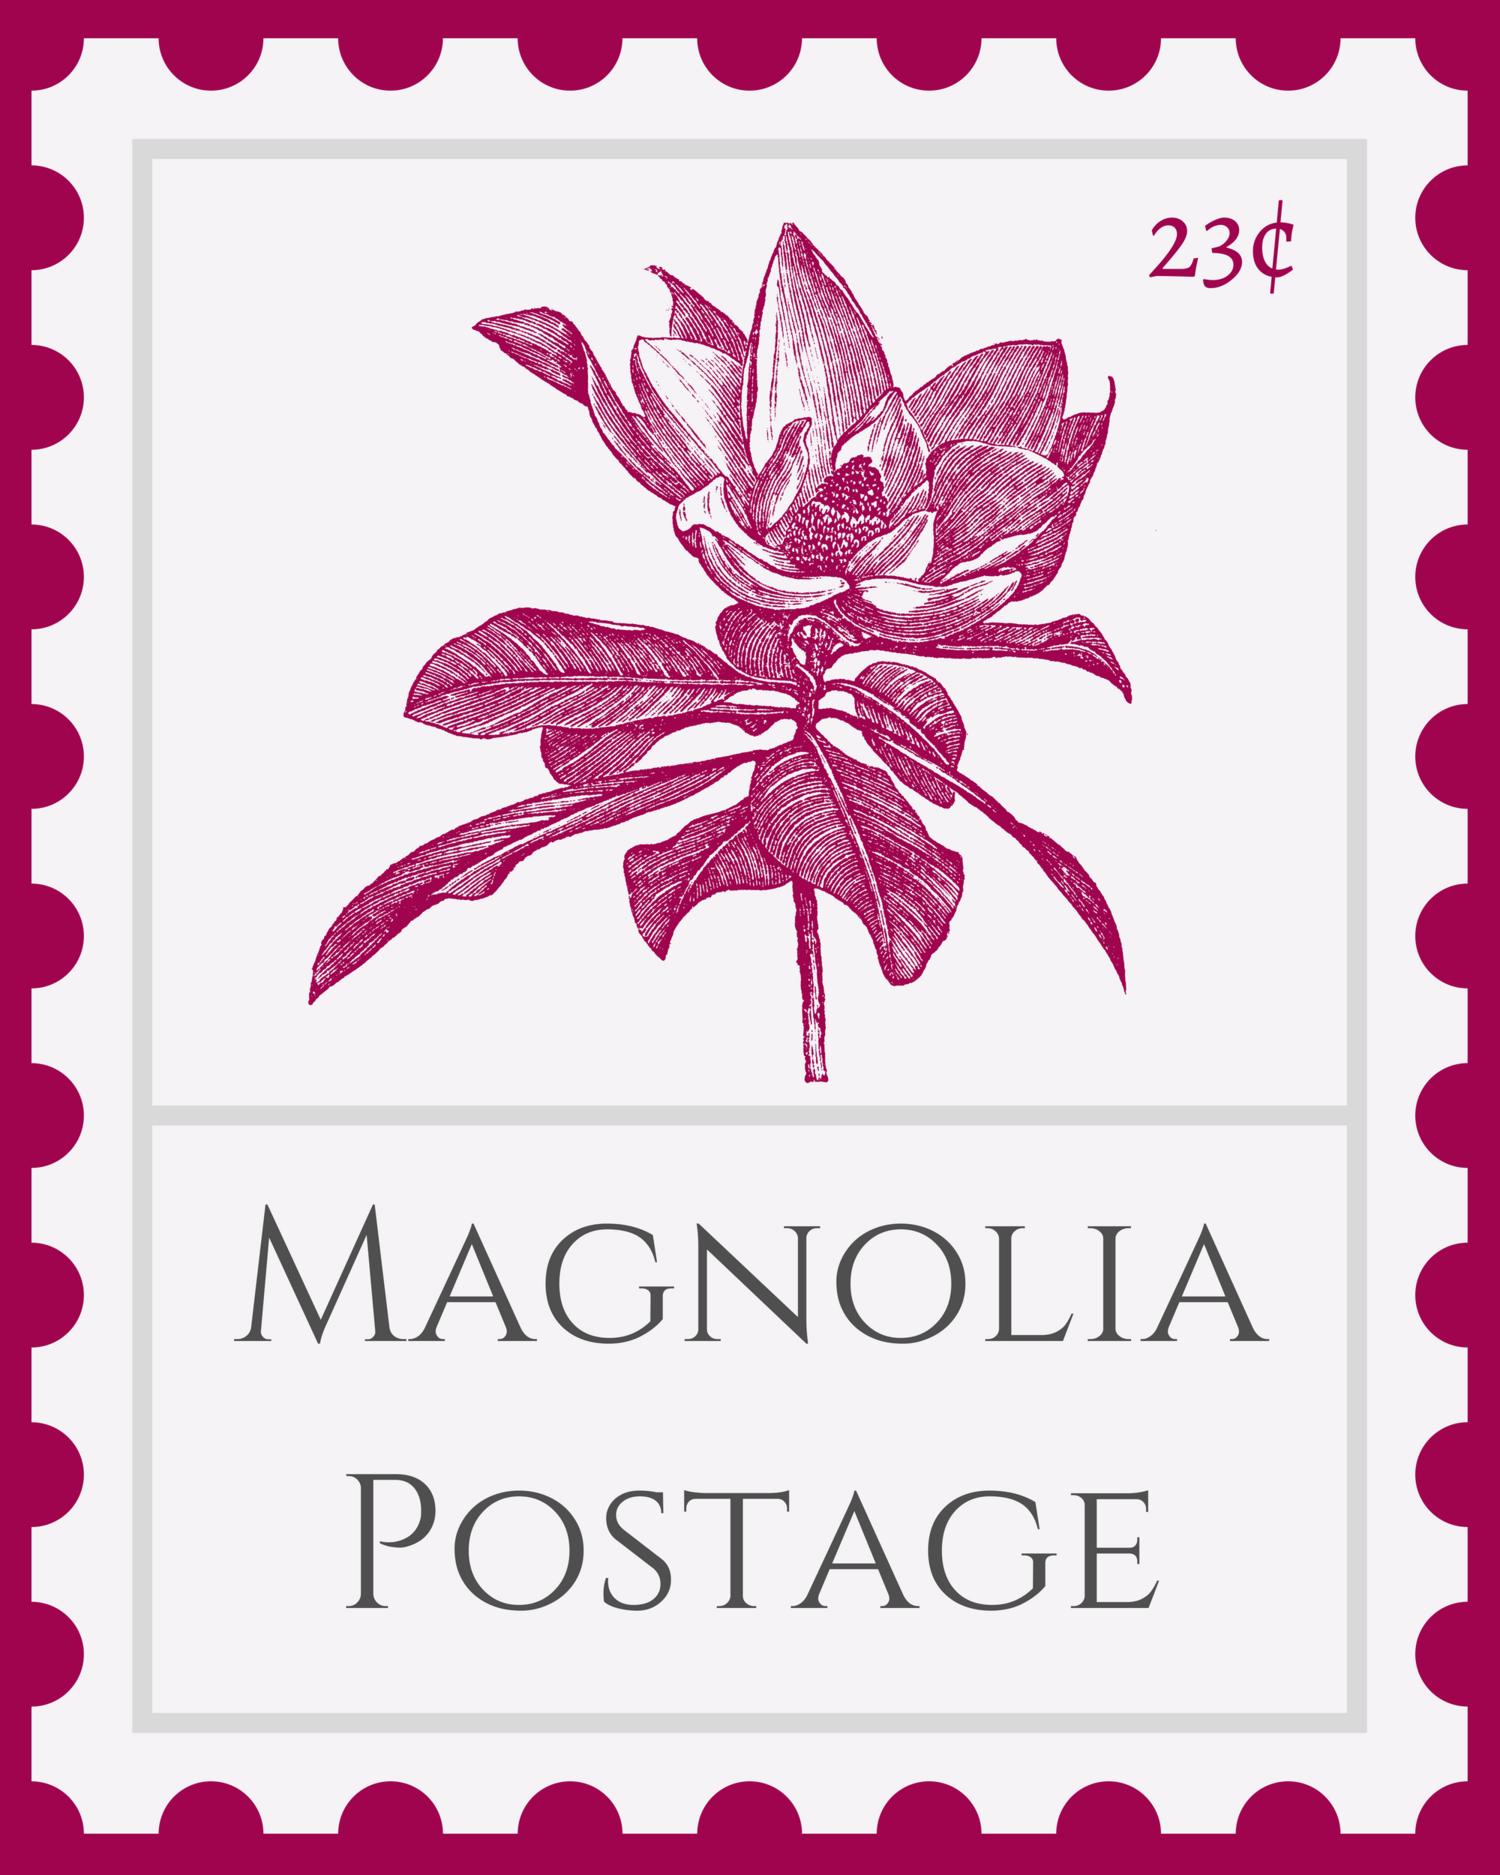 Magnolia Postage